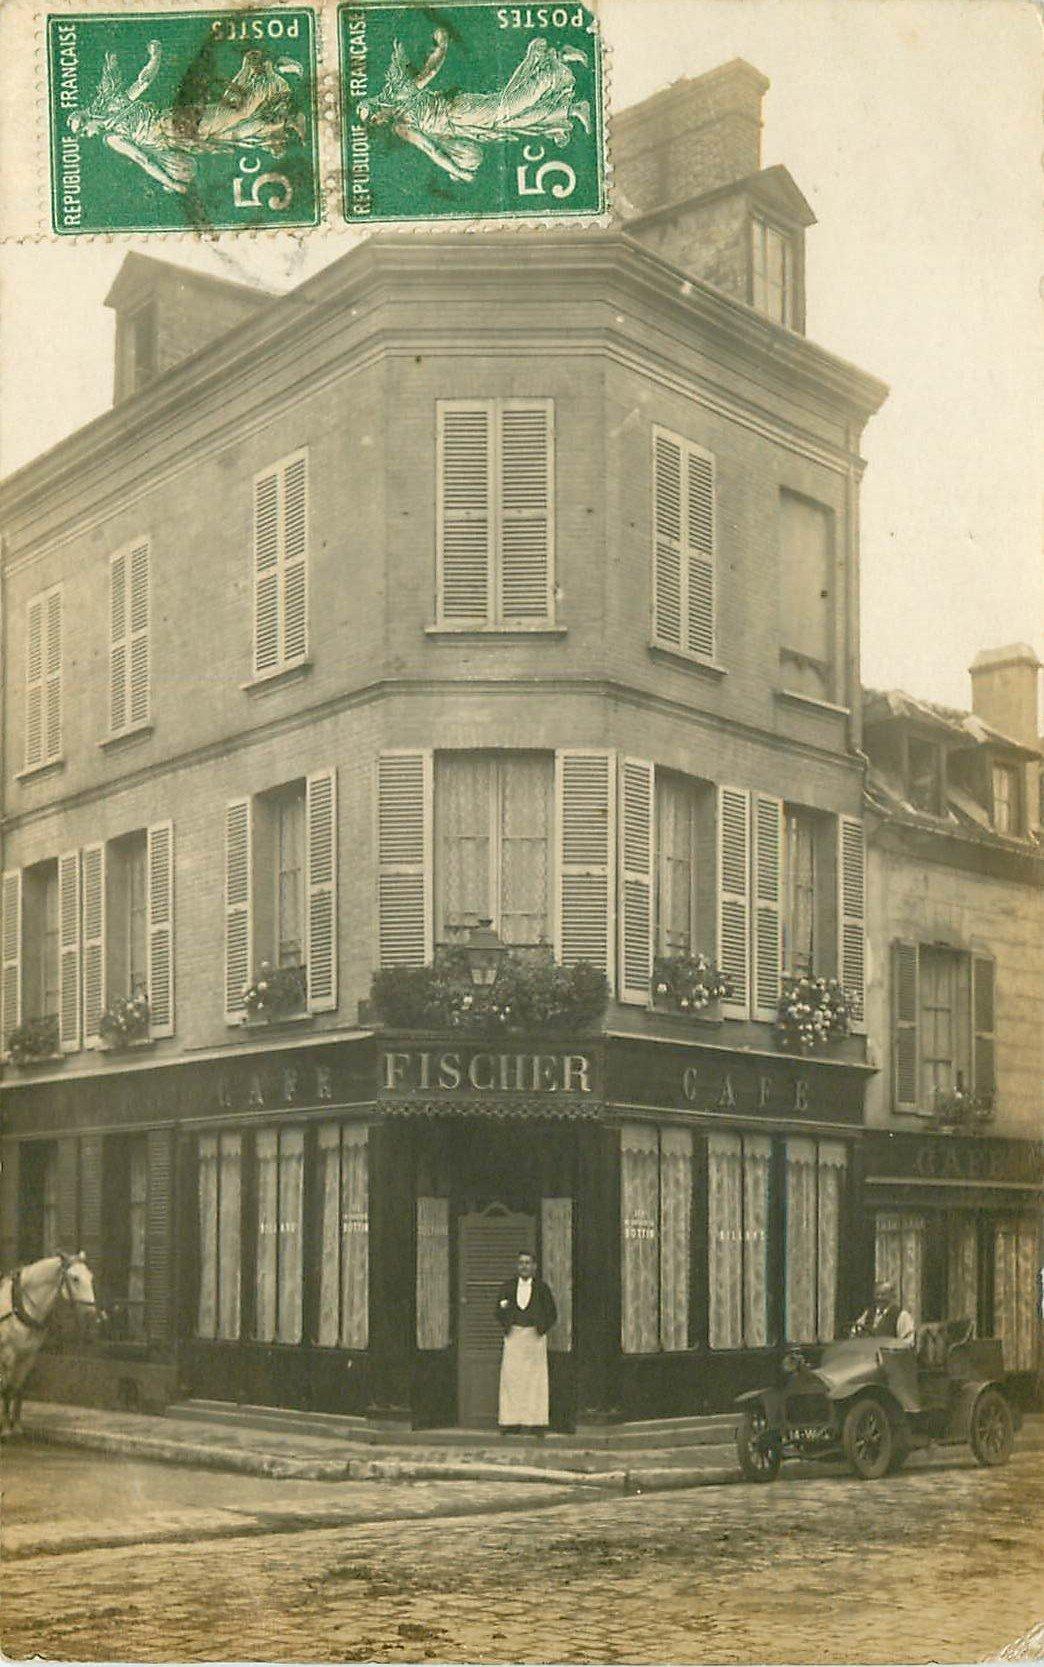 35 RENNES. Voiture ancienne devant le Café Fischer. Rare Photo carte postale ancienne 1913